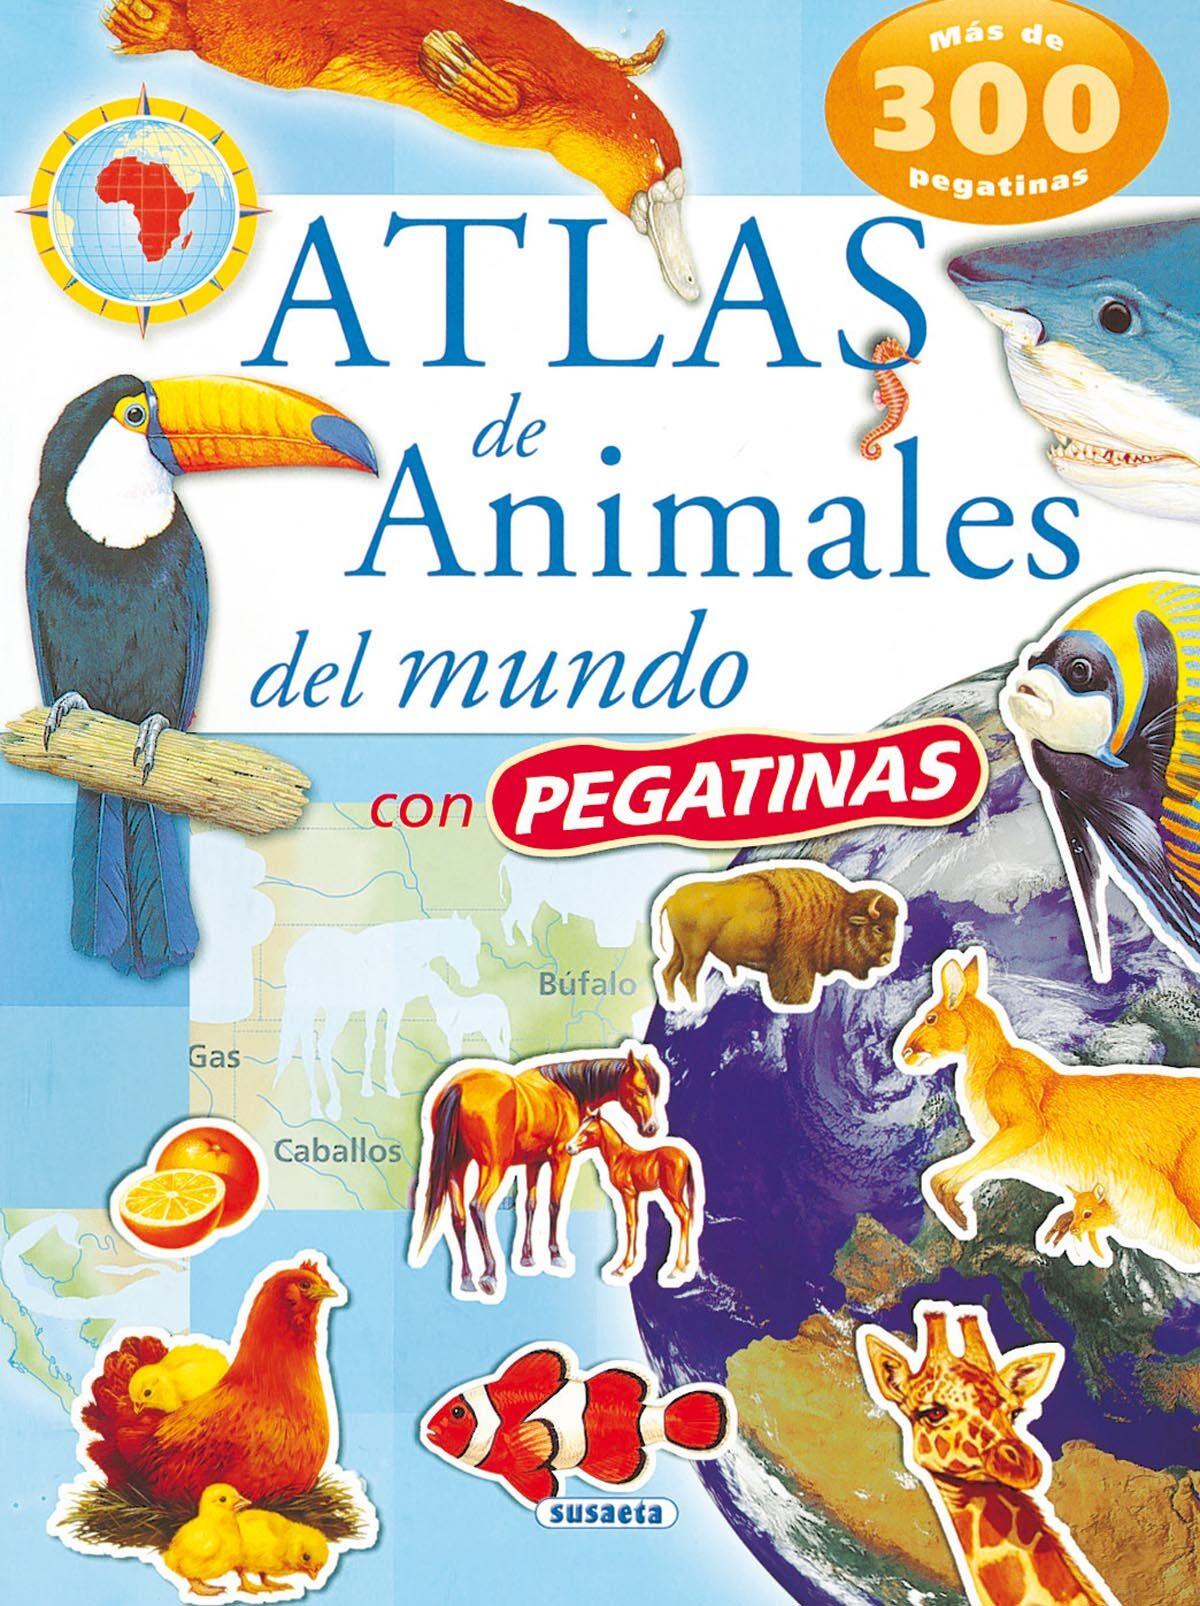 Atlas De Animales Del Mundo Con Pegatinas por Vv.aa. Gratis